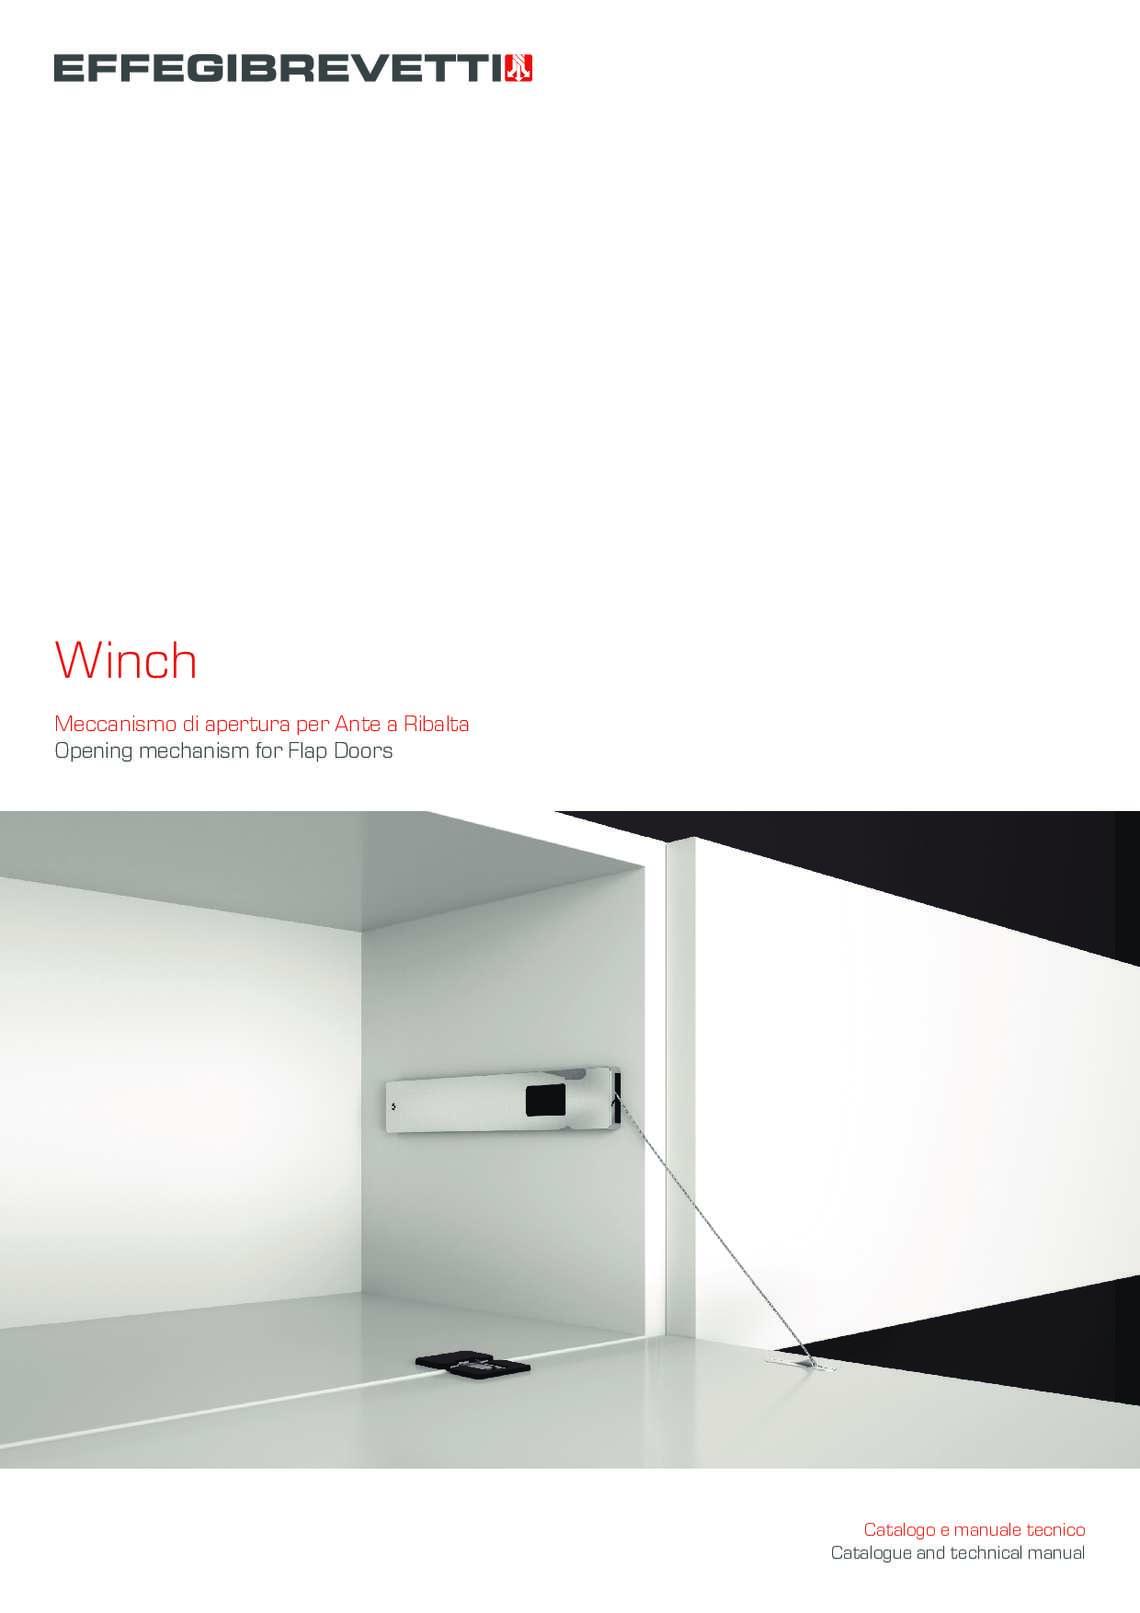 Winch - Meccanismo di apertura per Ante a Ribalta